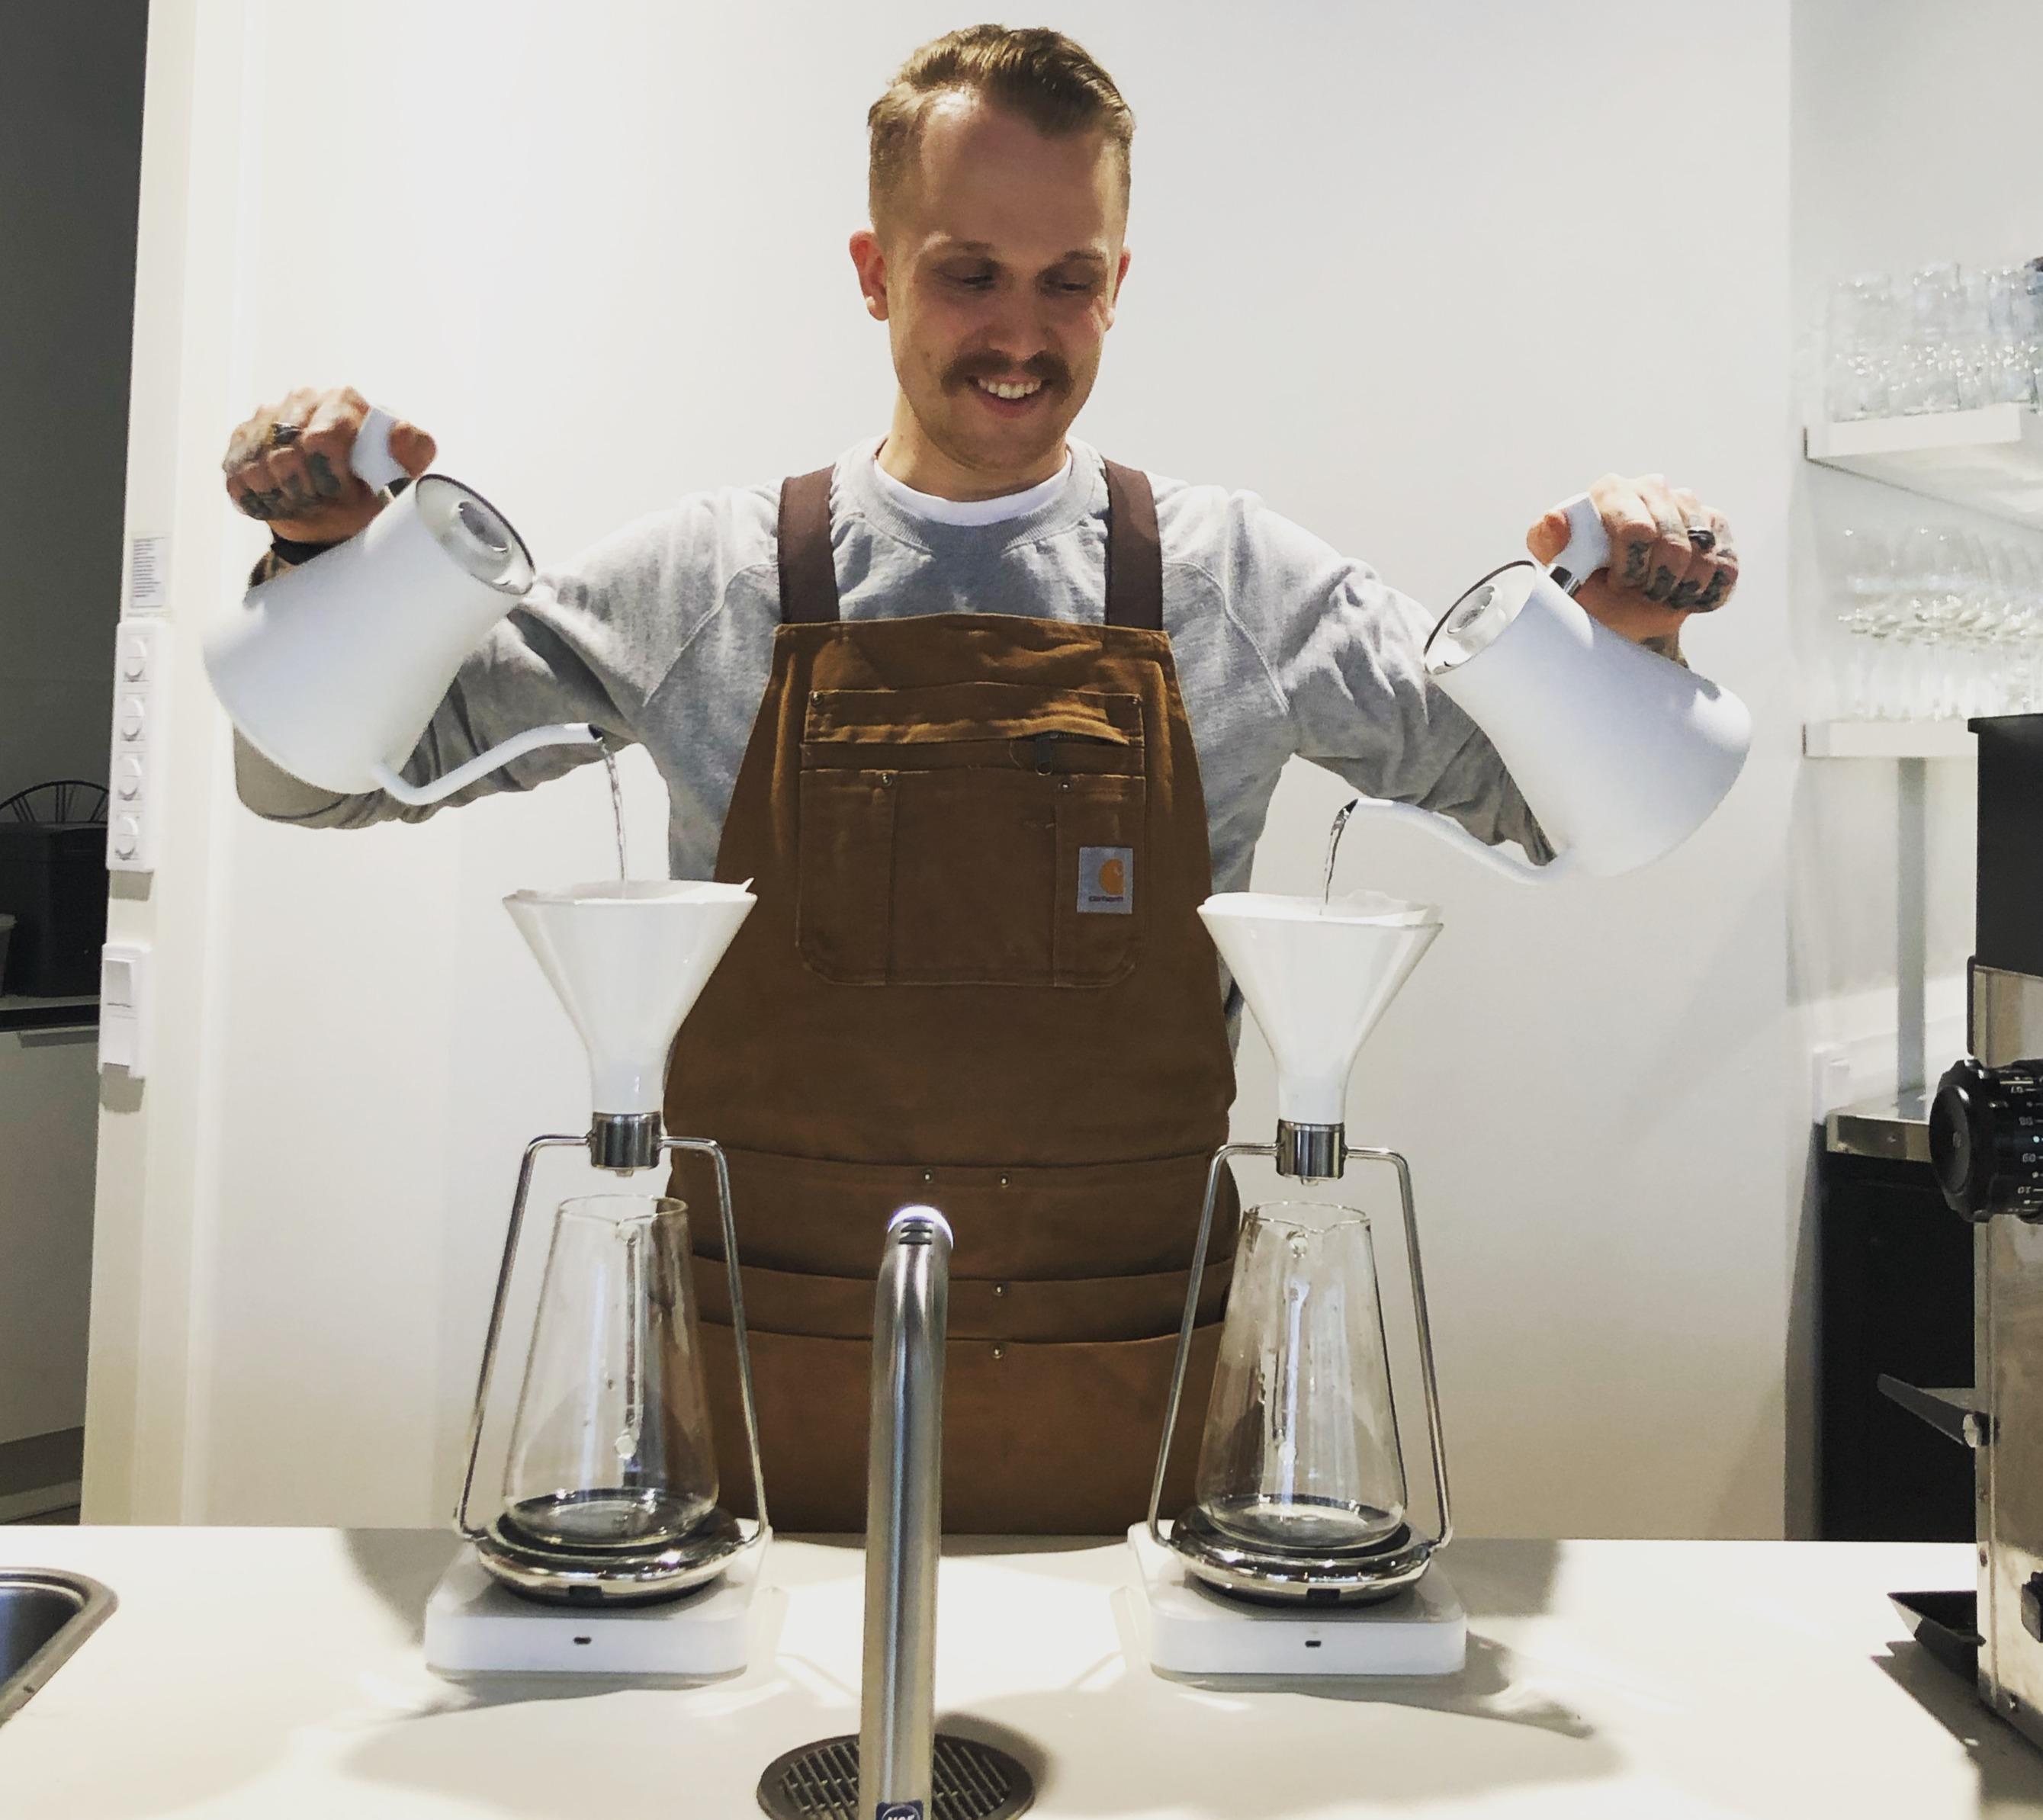 Visa brewing coffee